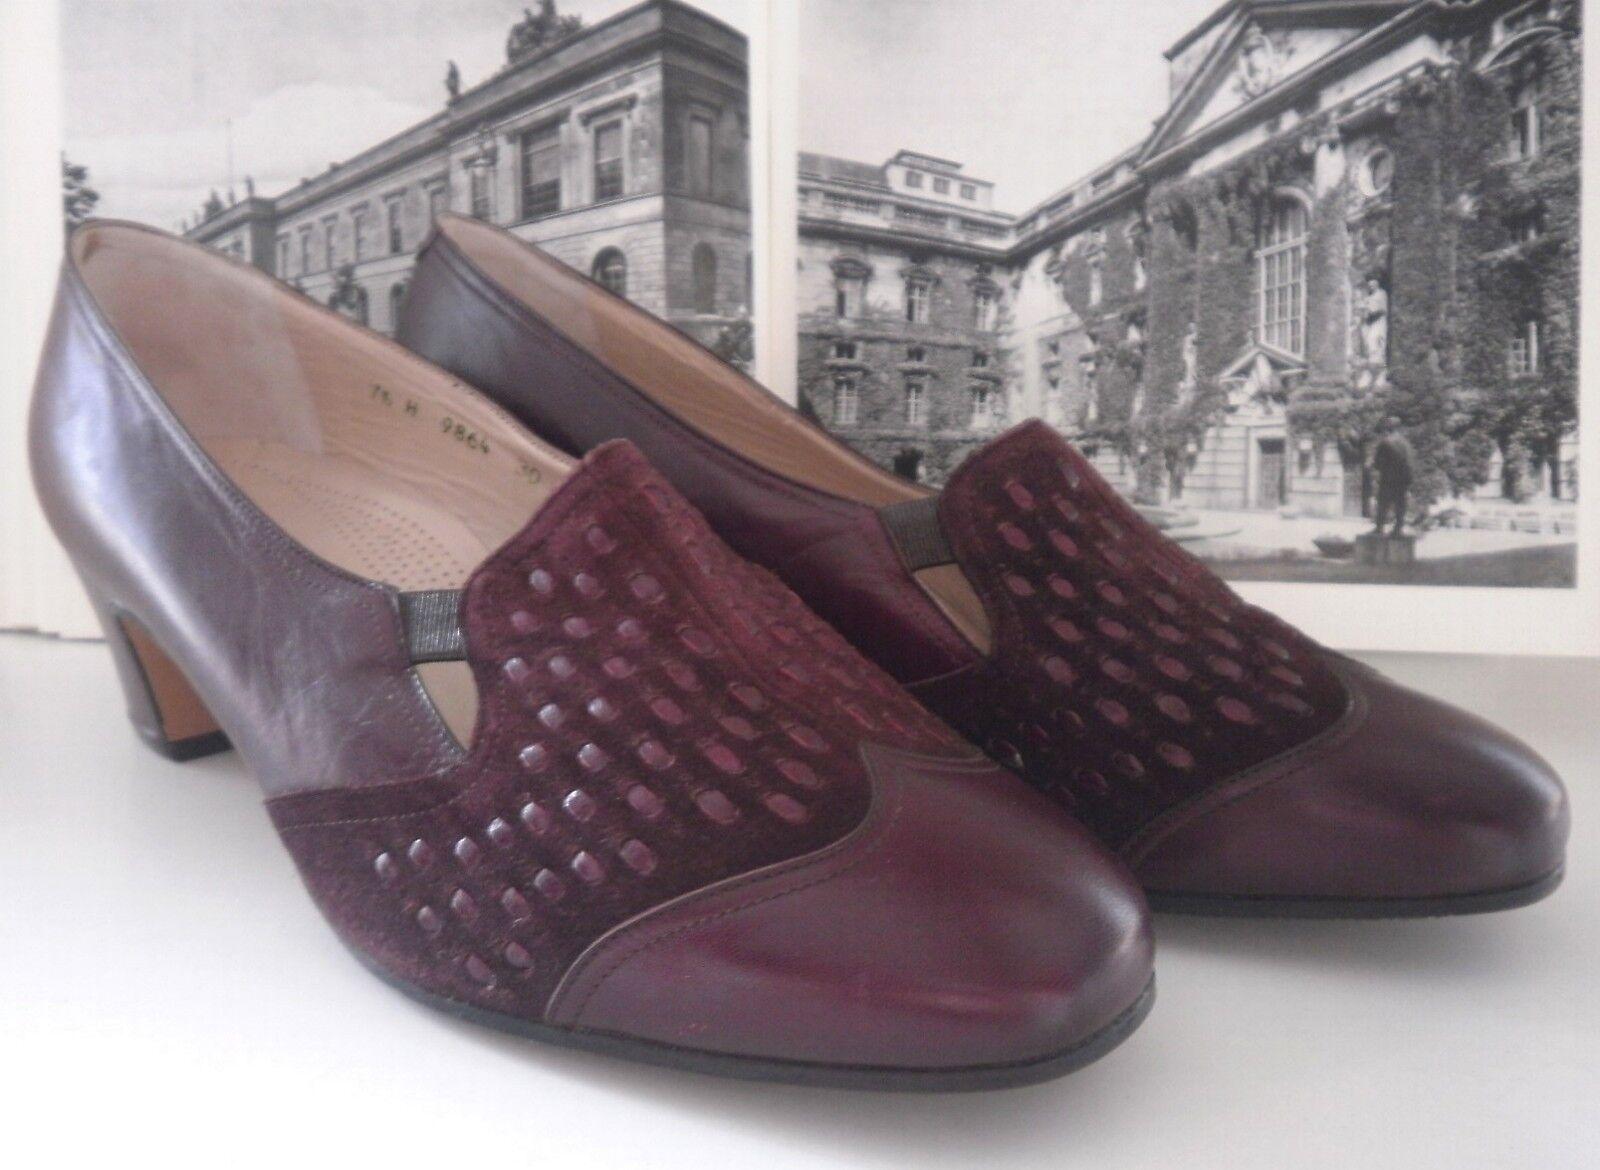 Löw Löw Löw señora pumps projohos zapatos of Switzerland nos 80er True vintage 80s burdeos 3913c4